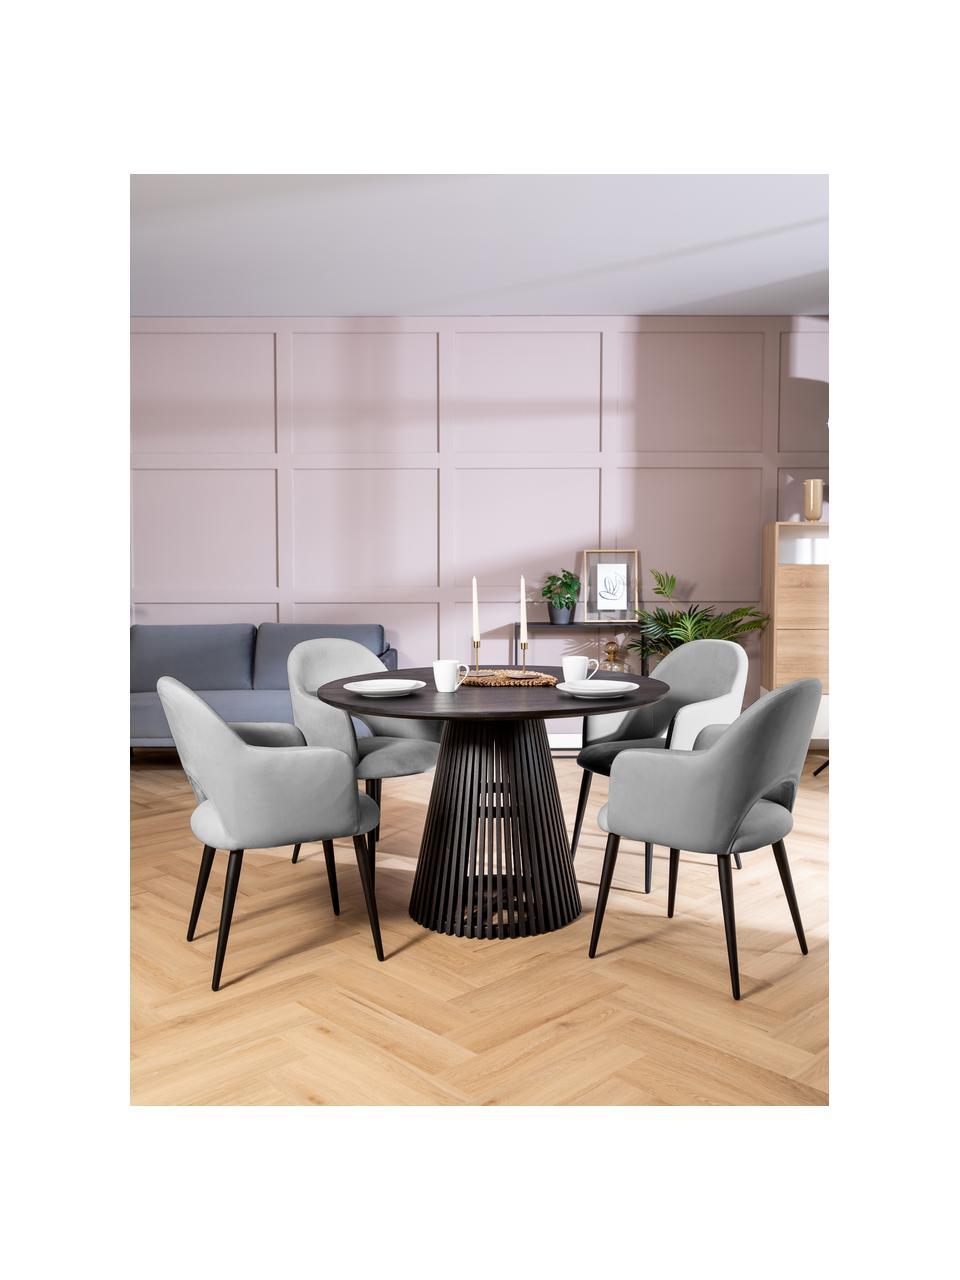 Sedia con braccioli in velluto grigio Rachel, Rivestimento: velluto (poliestere) Il r, Gambe: metallo verniciato a polv, Velluto grigio, Larg. 56 x Alt. 70 cm